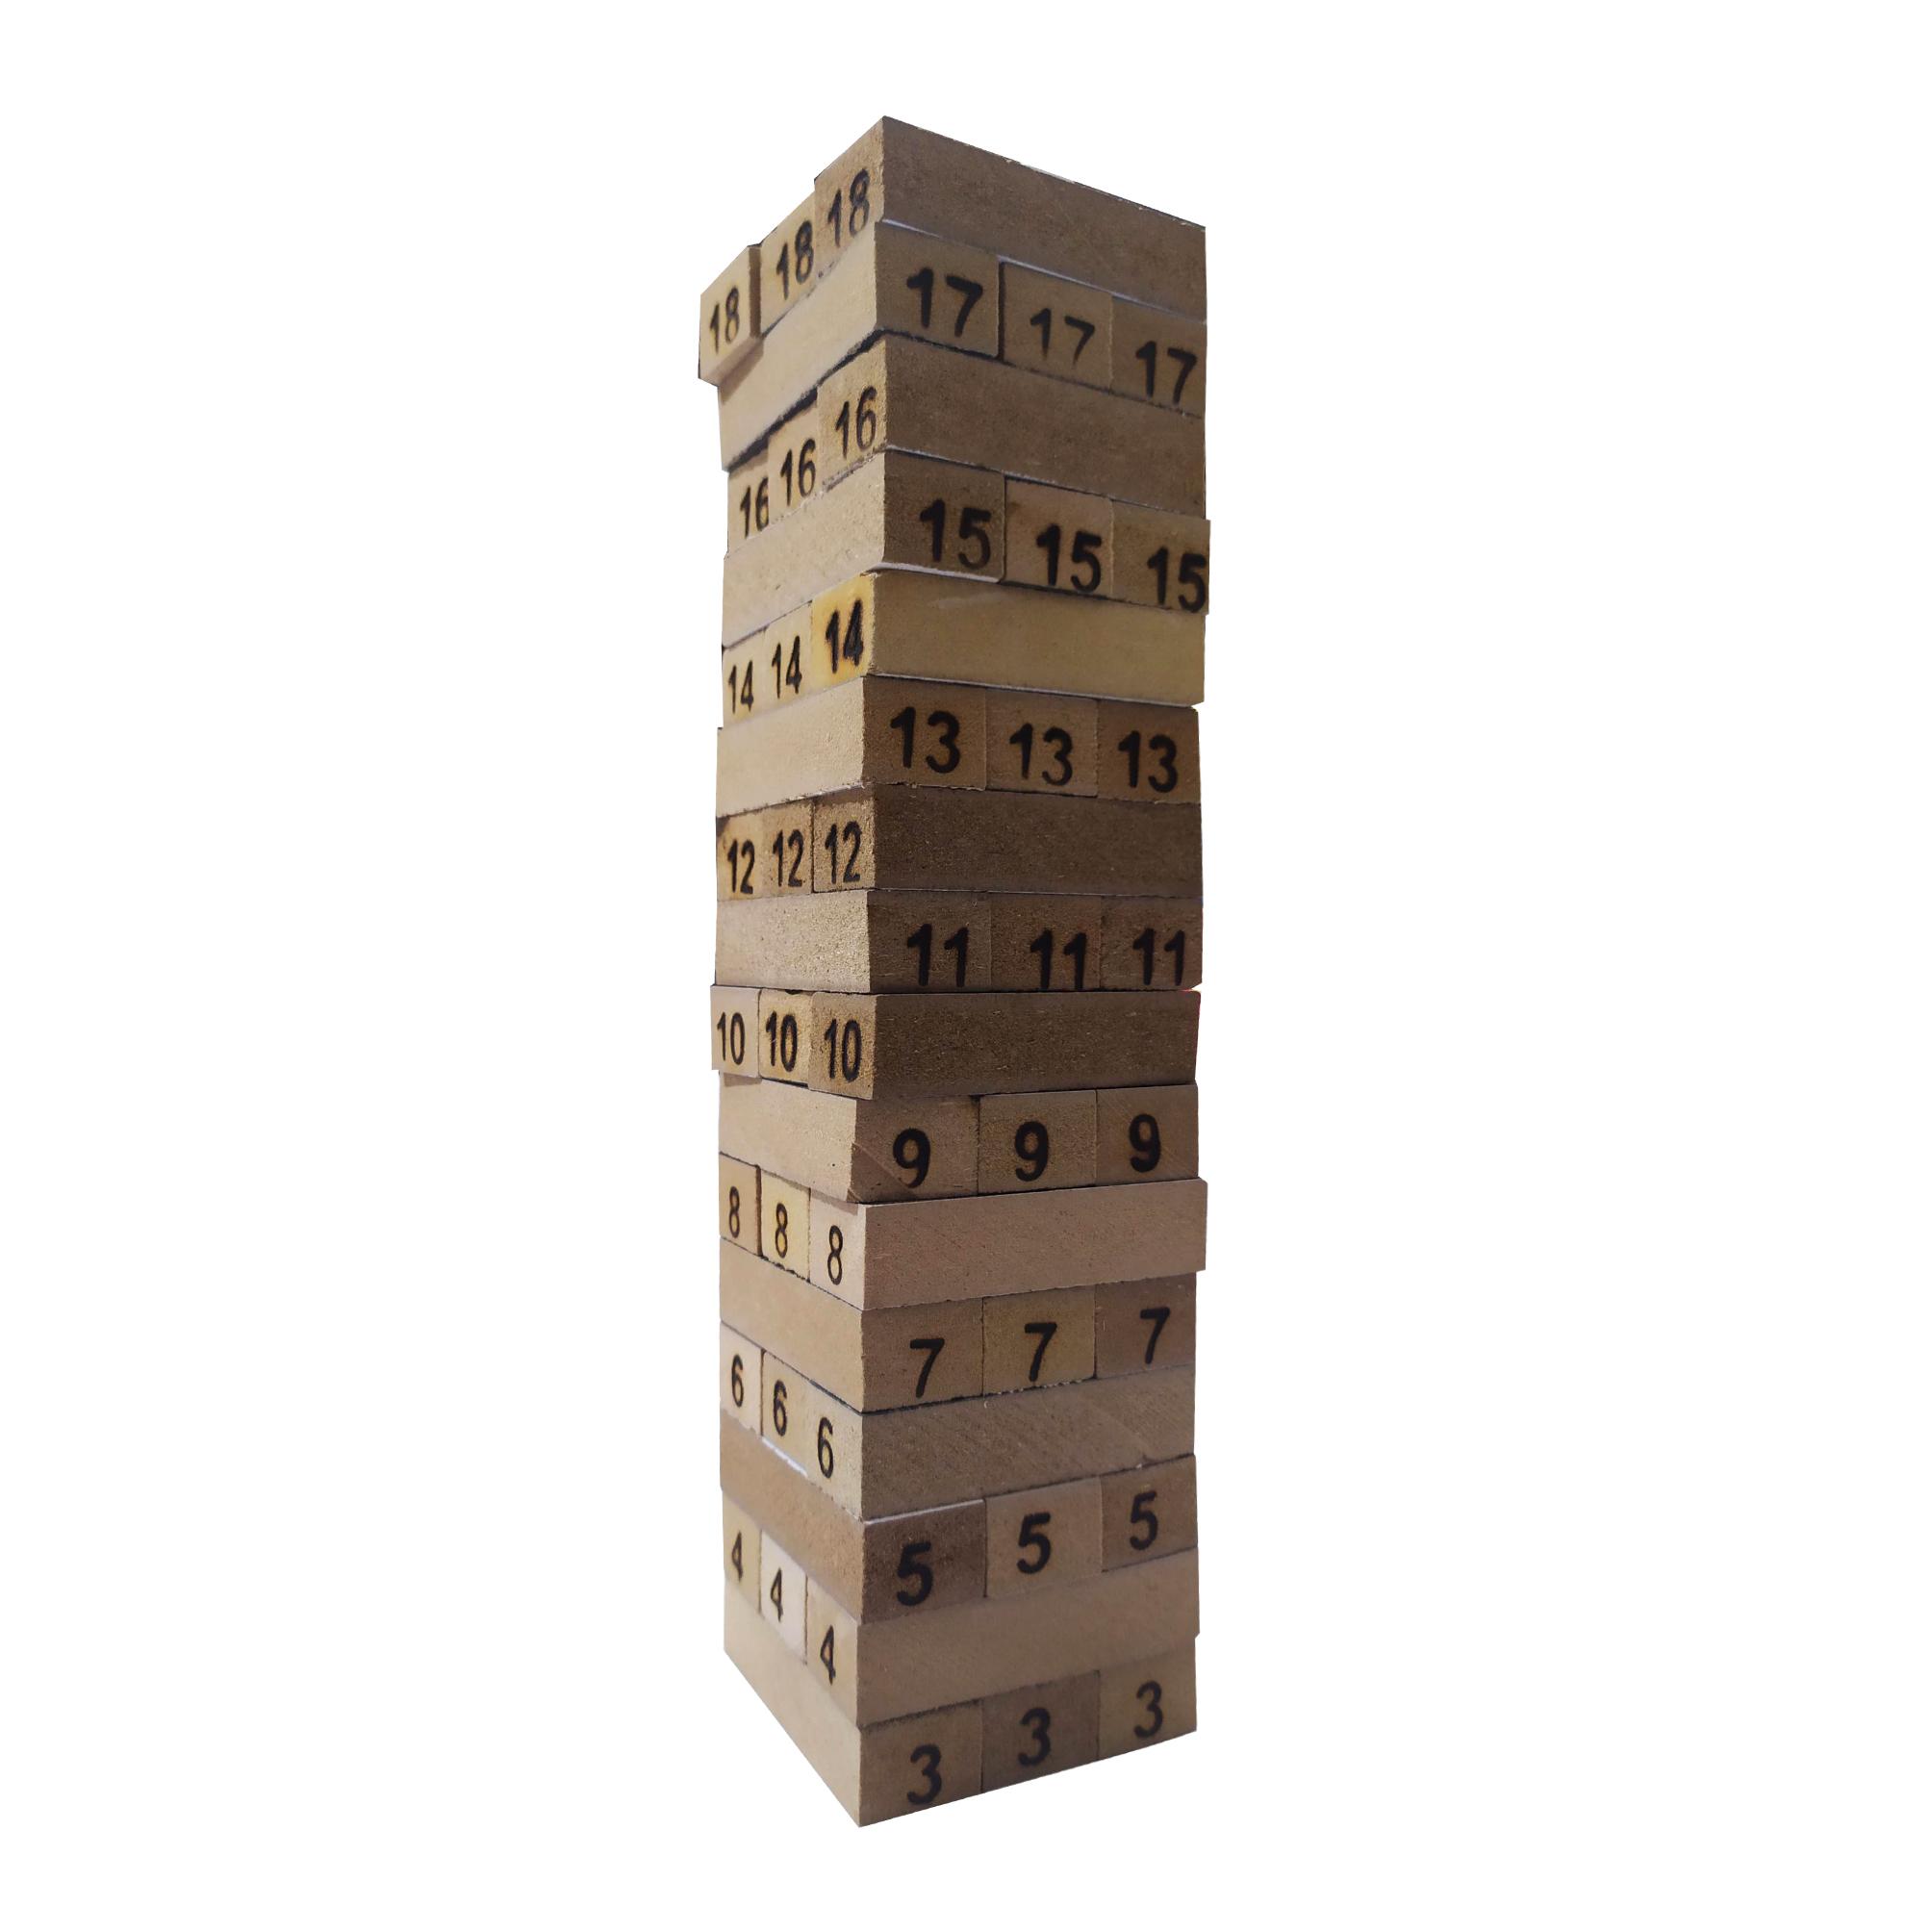 بازی برج هیجان مدل 010